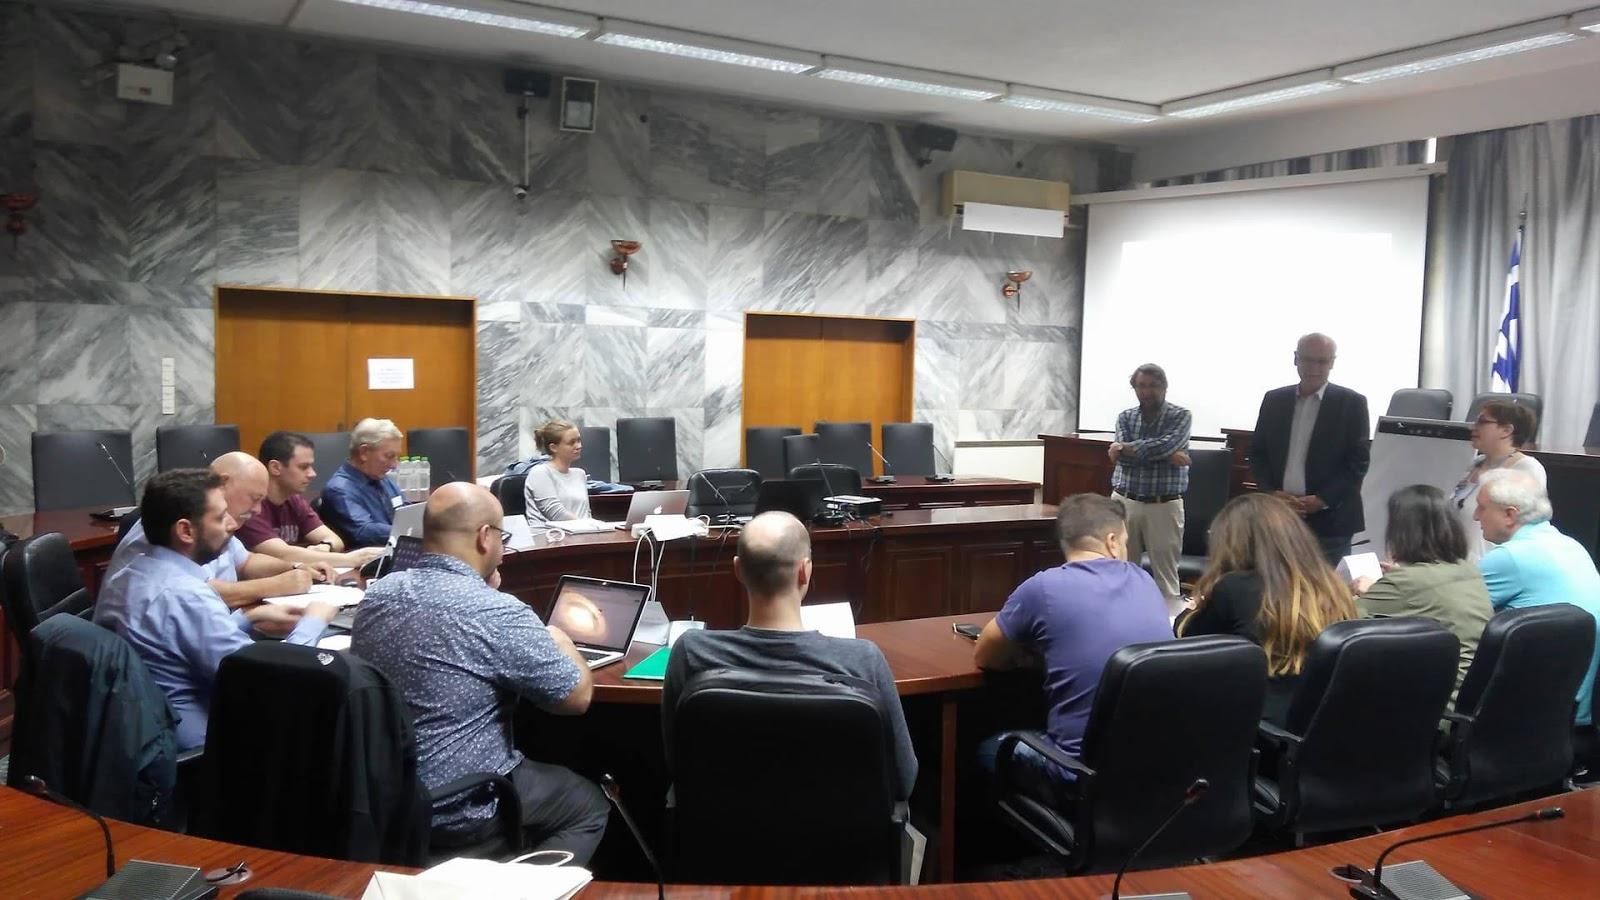 Πραγματοποιήθηκε η συνάντηση εργασίας του Ευρωπαϊκού Προγράμματος Horizon 2020 CS-Aware στη Λάρισα